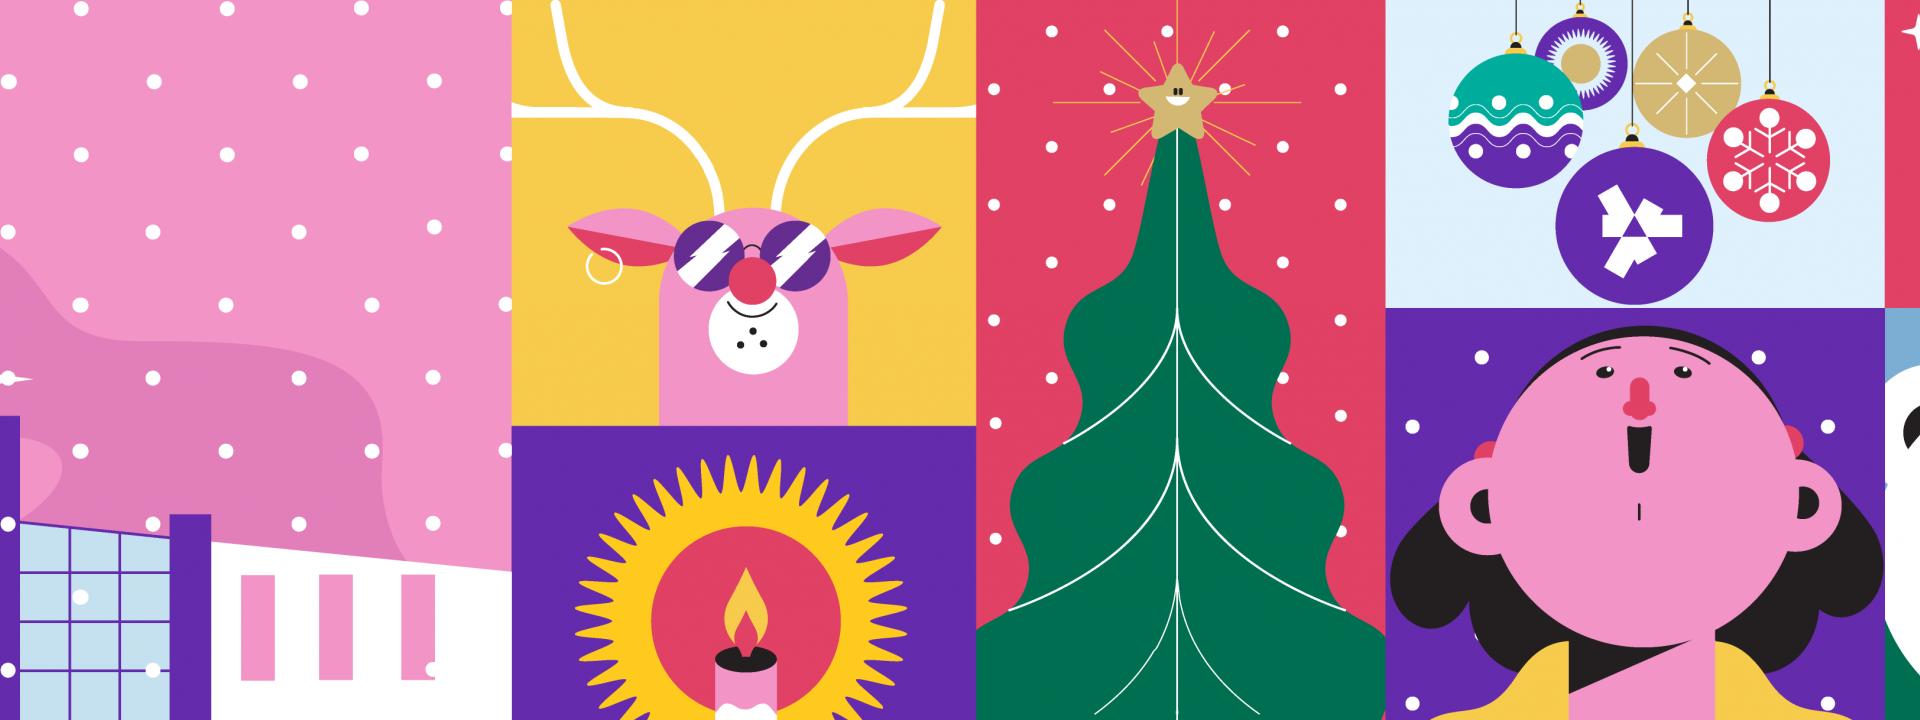 Εικαστικό για τη χριστουγεννιάτικη δραστηριότητα του ΚΠΙΣΝ, Μαγικές Εικόνες